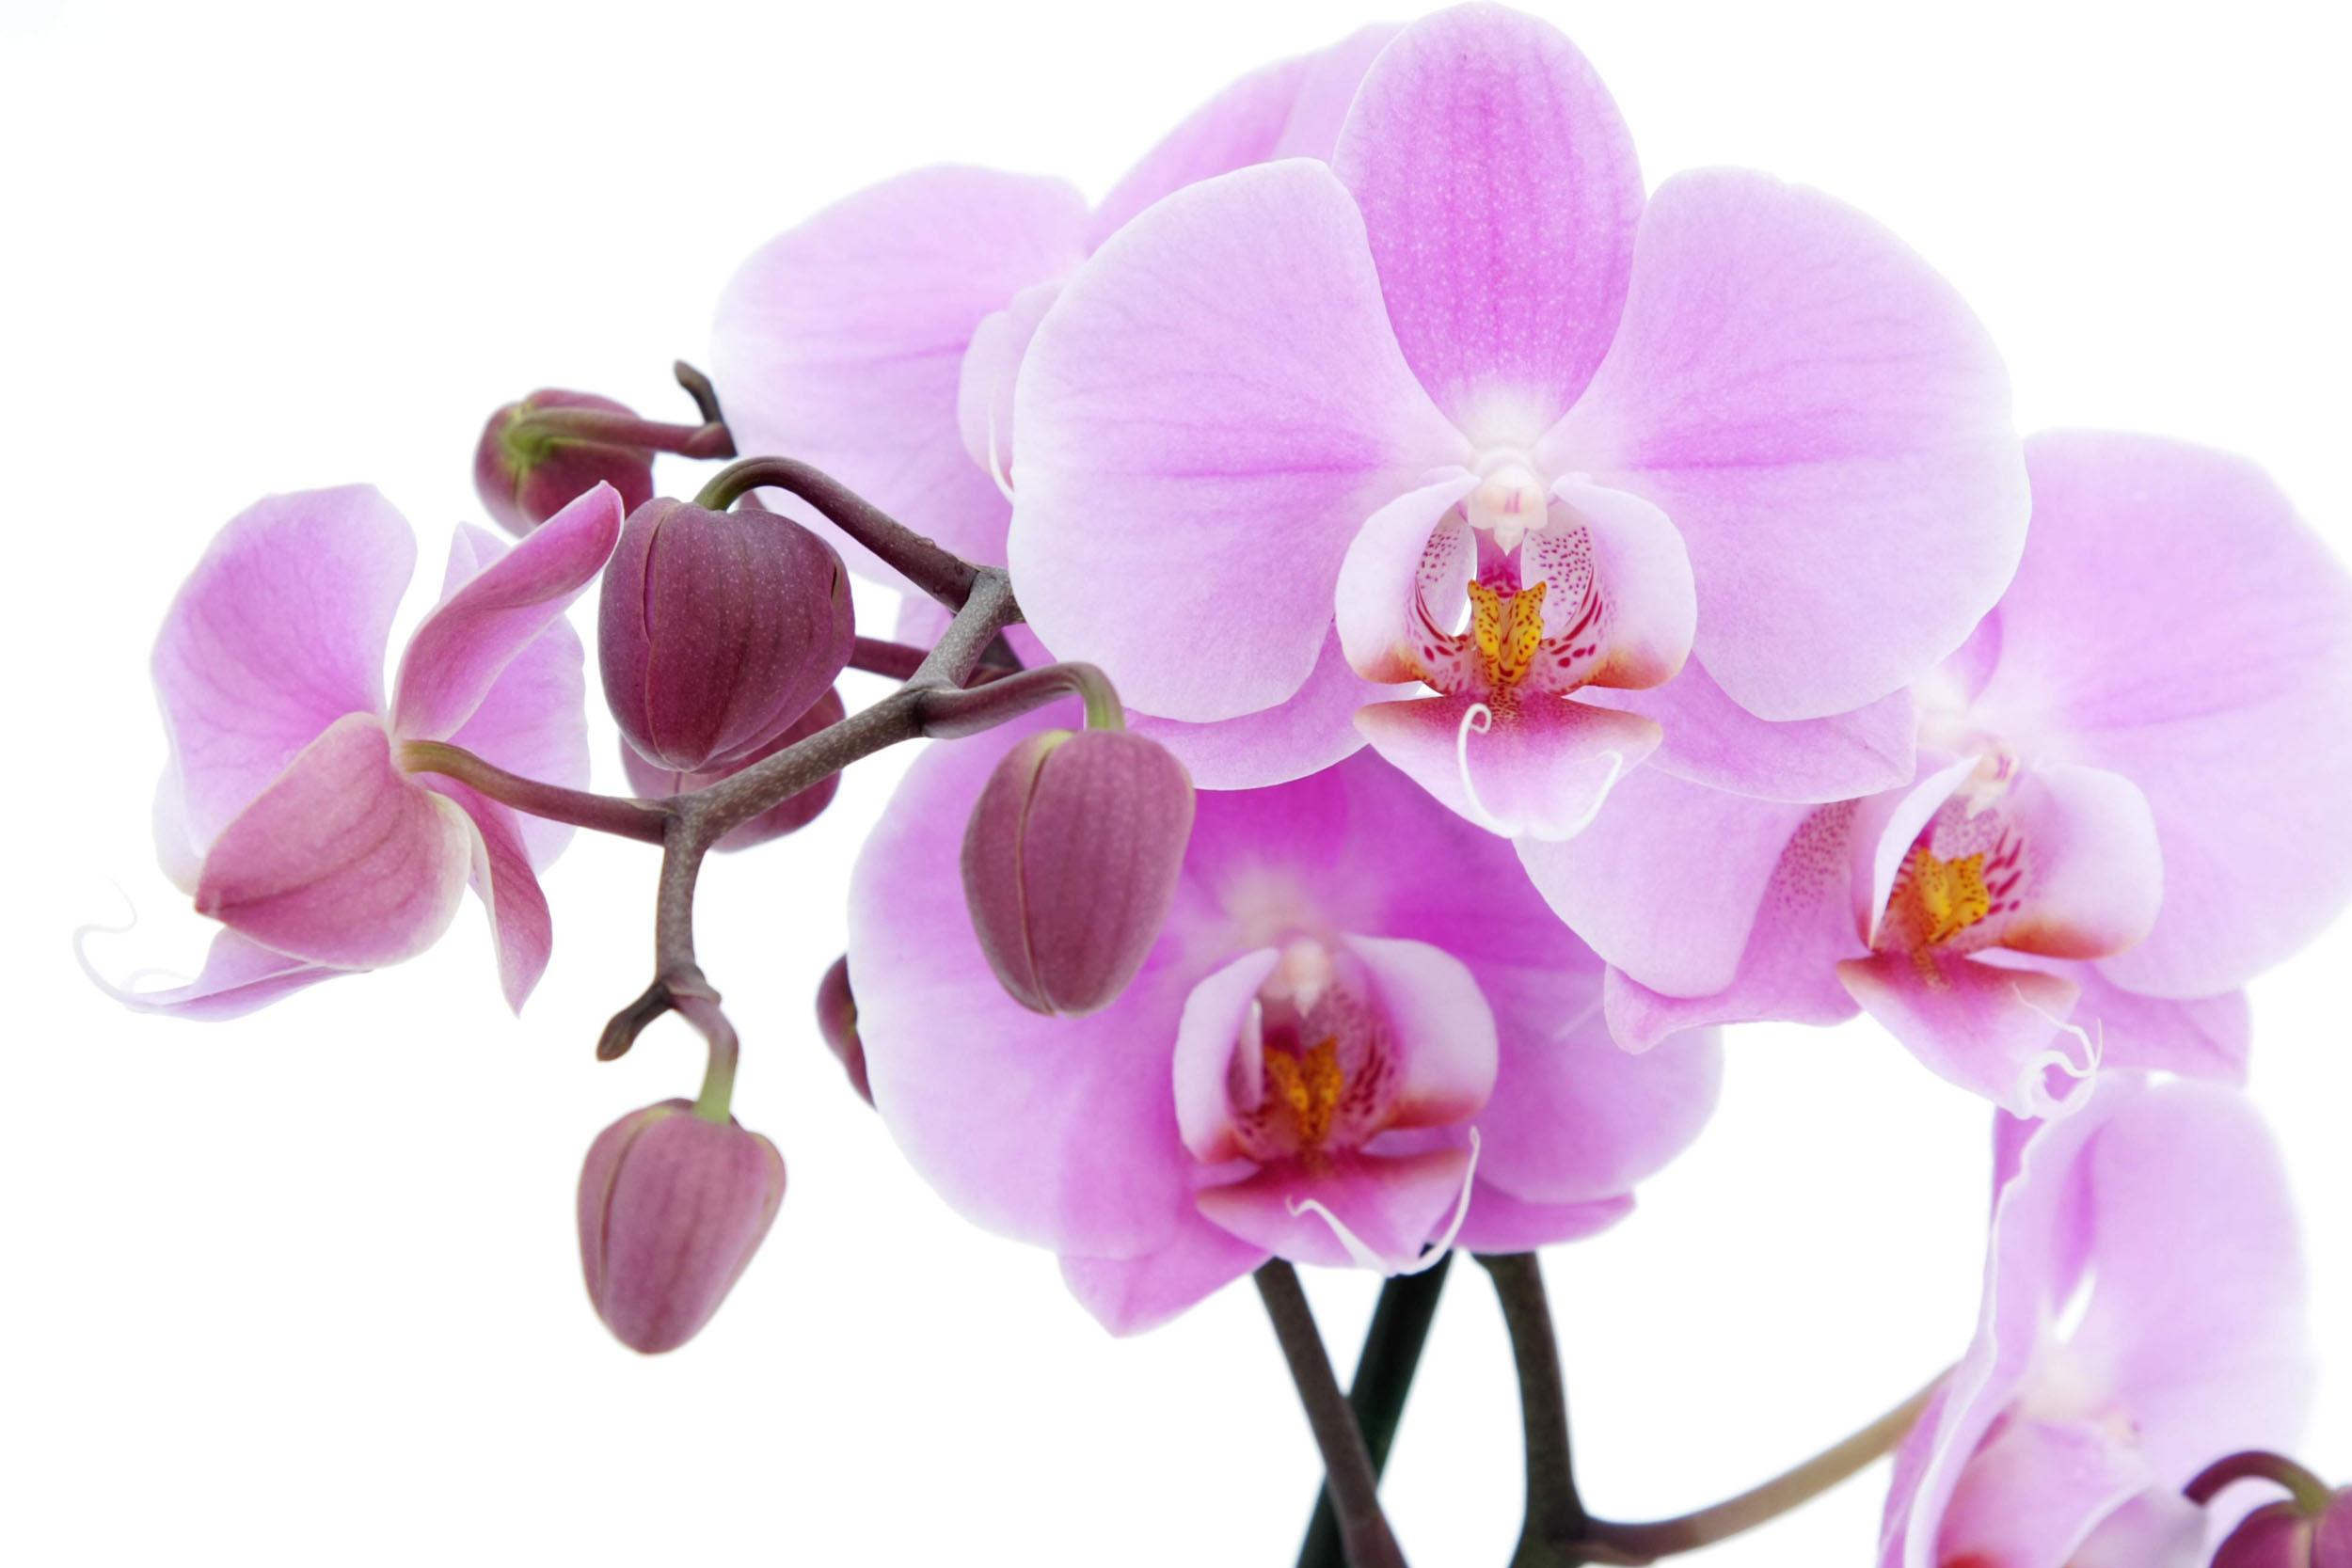 Hoa lan dành tặng mẹ thể hiện ý nghãi về tình yêu tha thiết ấp ủ trong lòng và lòng bao dung